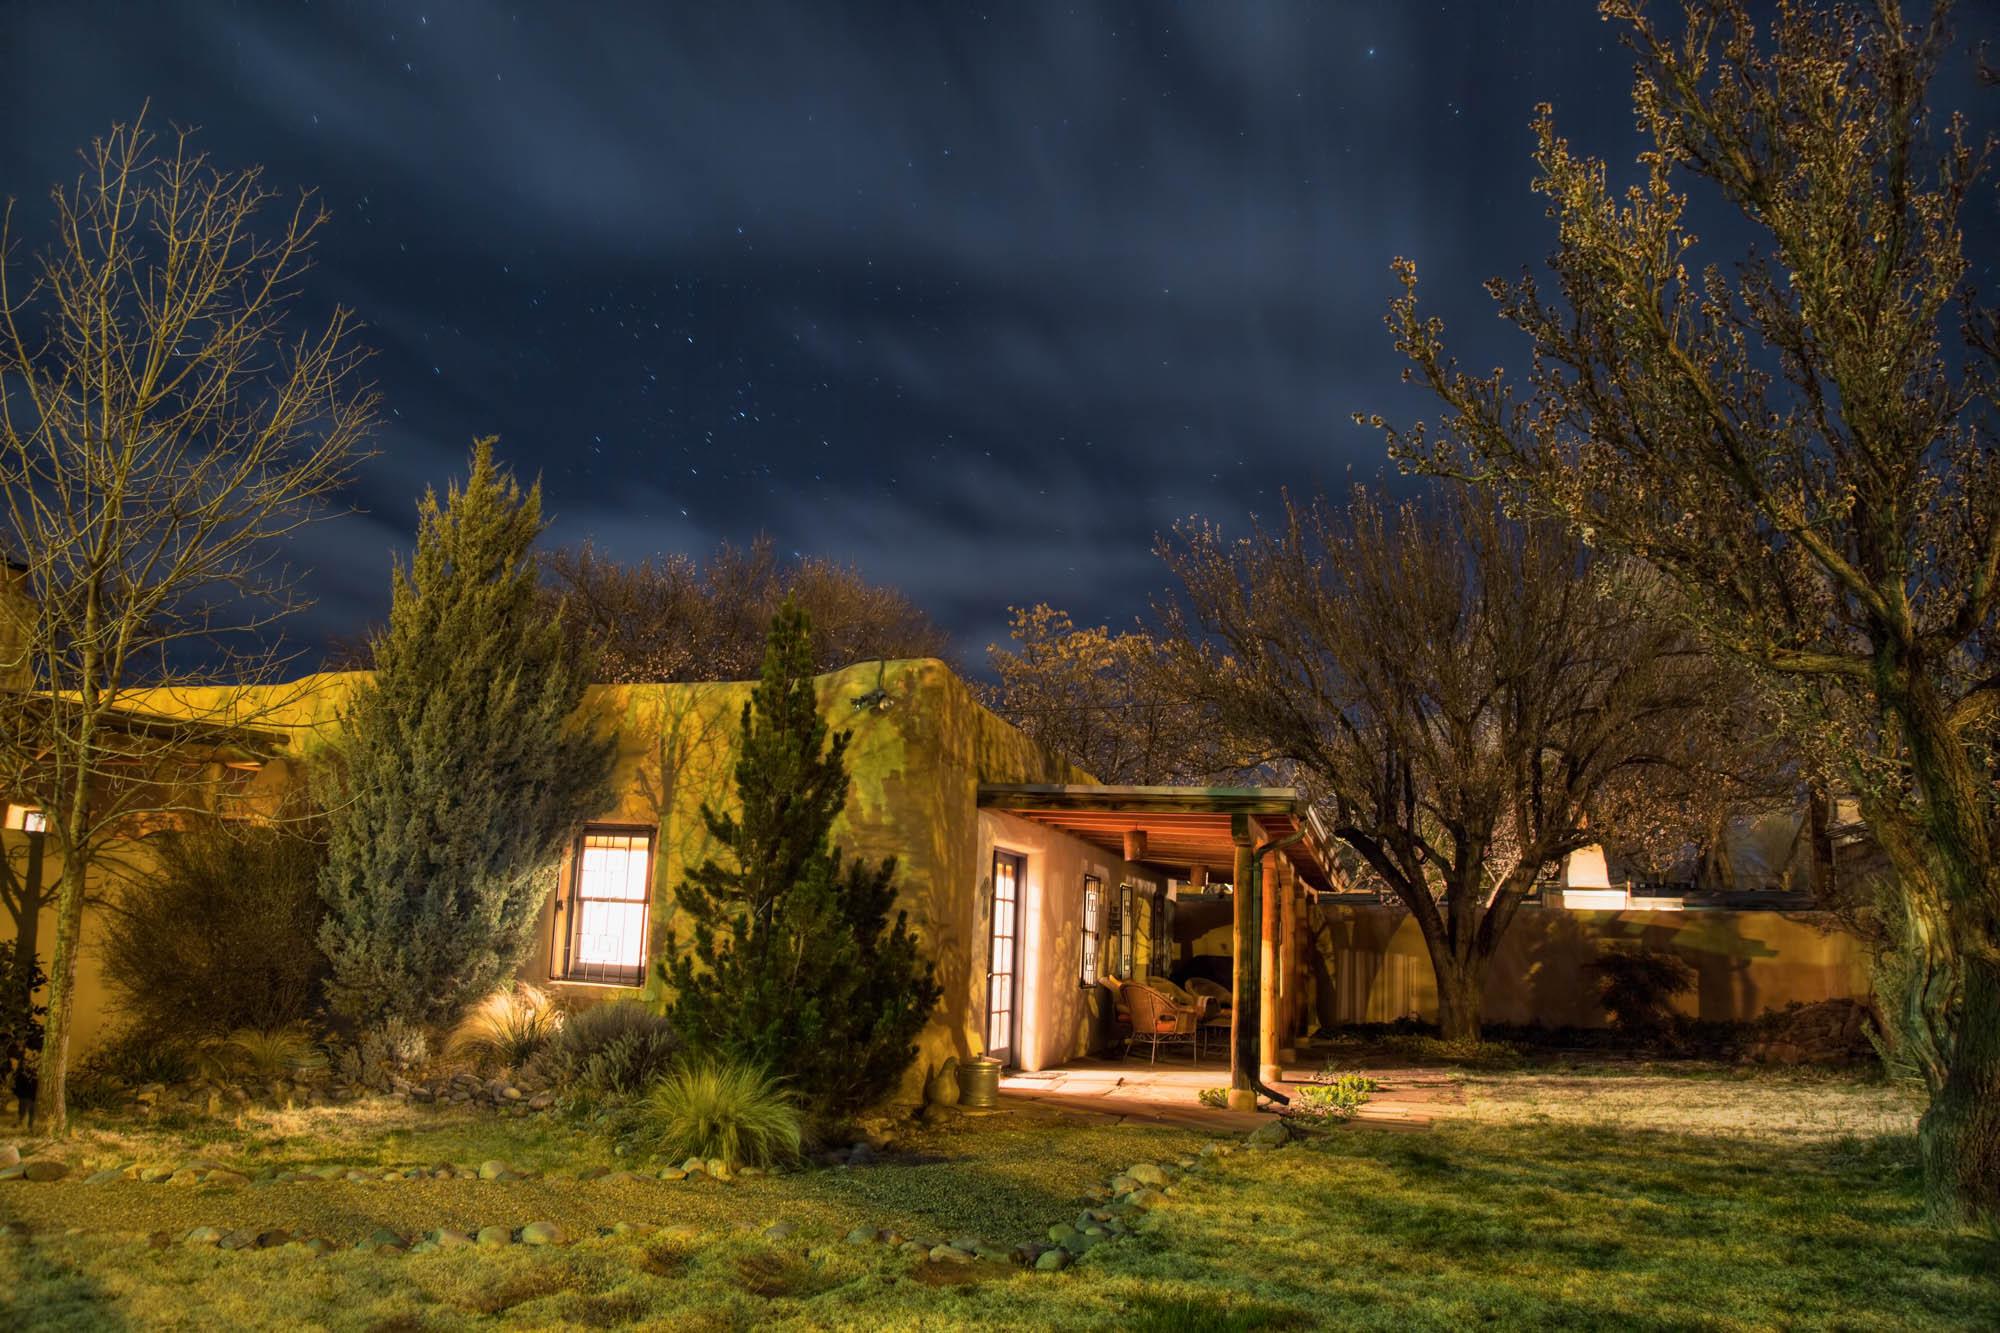 night exposure santa fe